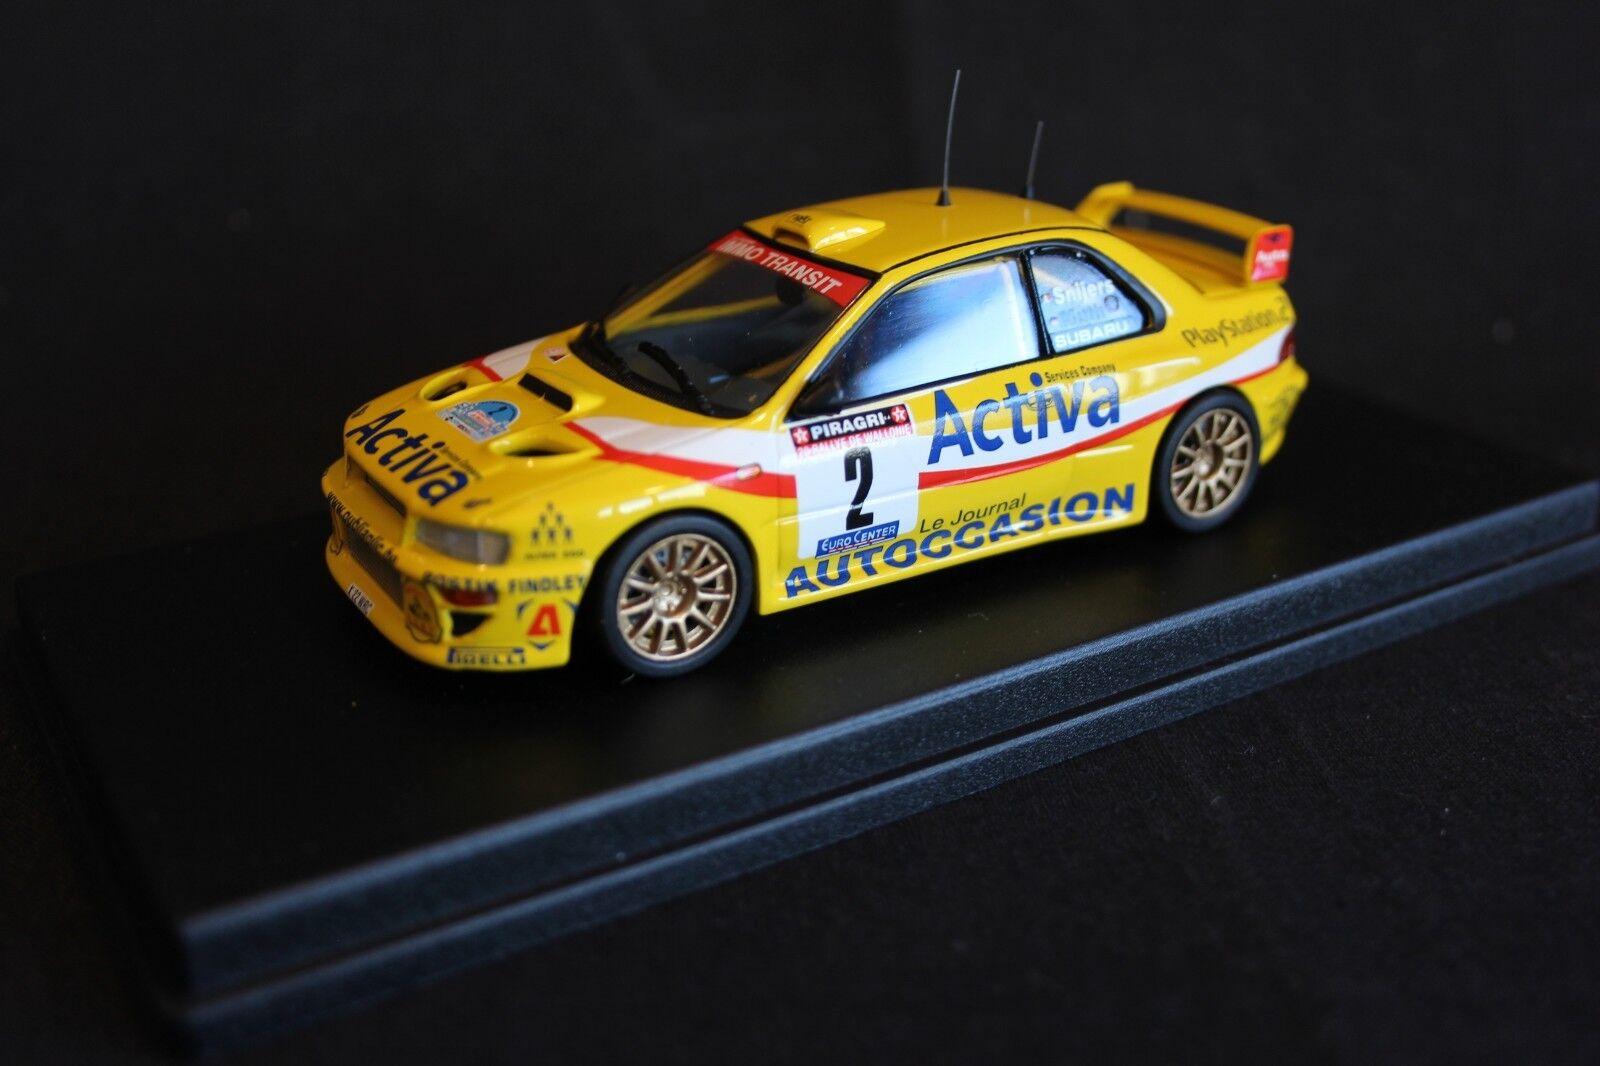 nuevo sádico Troféu Subaru Impreza WRC 2003 1 43 43 43  2 Snijers   Muth Rallye de Wallonie 2003  compras de moda online